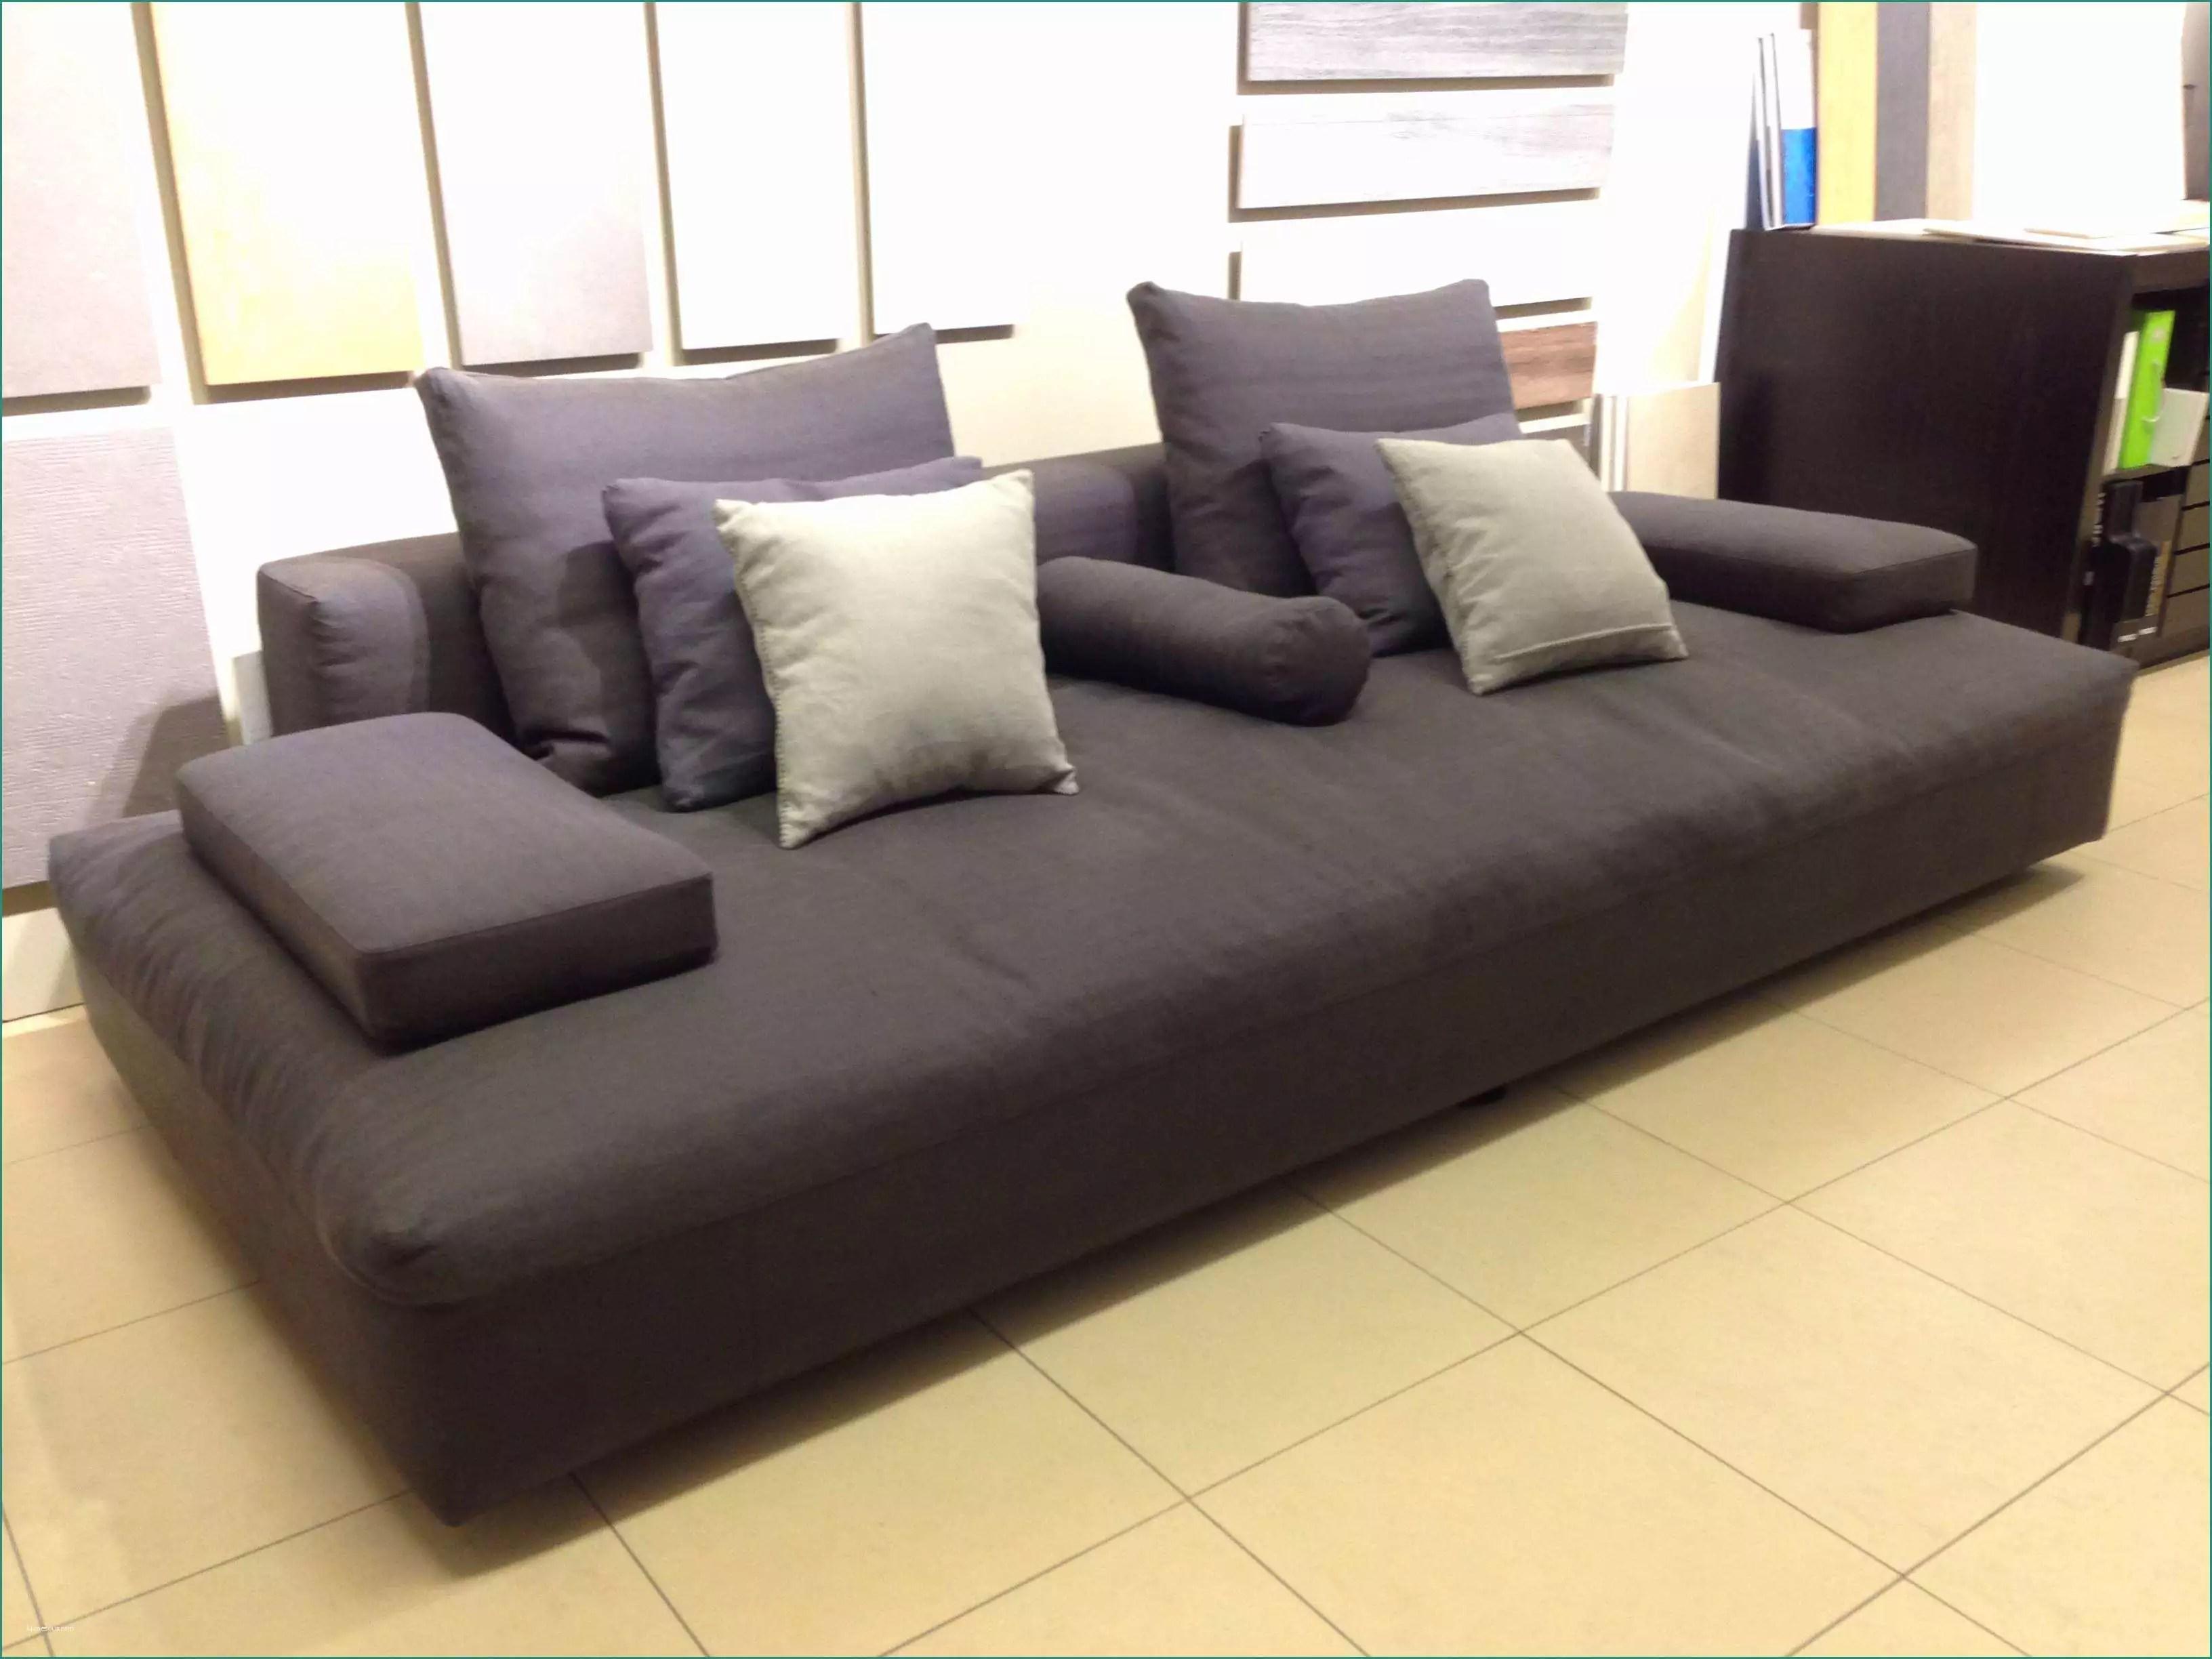 Stunning Divani In Offerta Online Ideas - Home Design ...